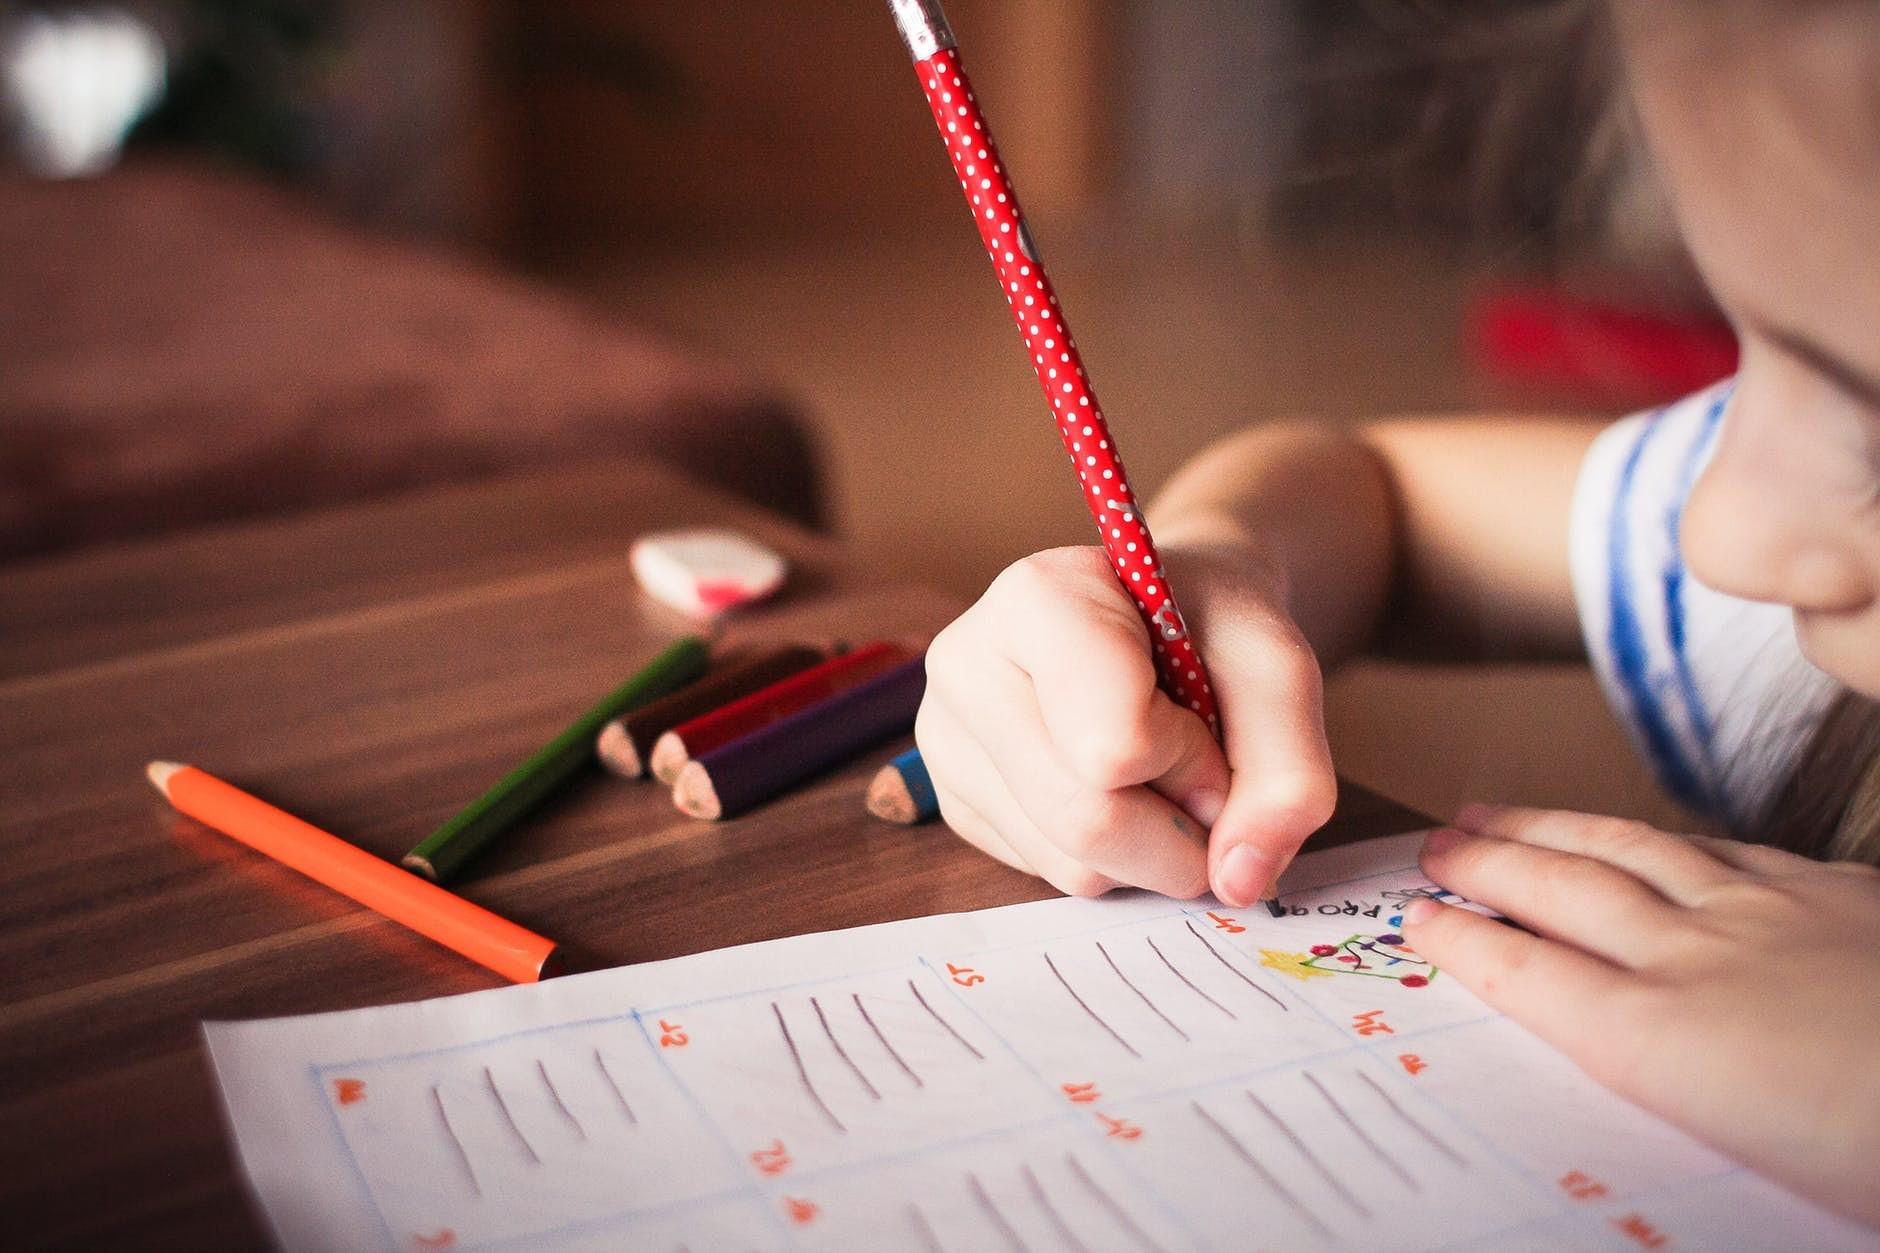 Arī bērnudārzos rosina mācības vadīt tikai valsts valodā